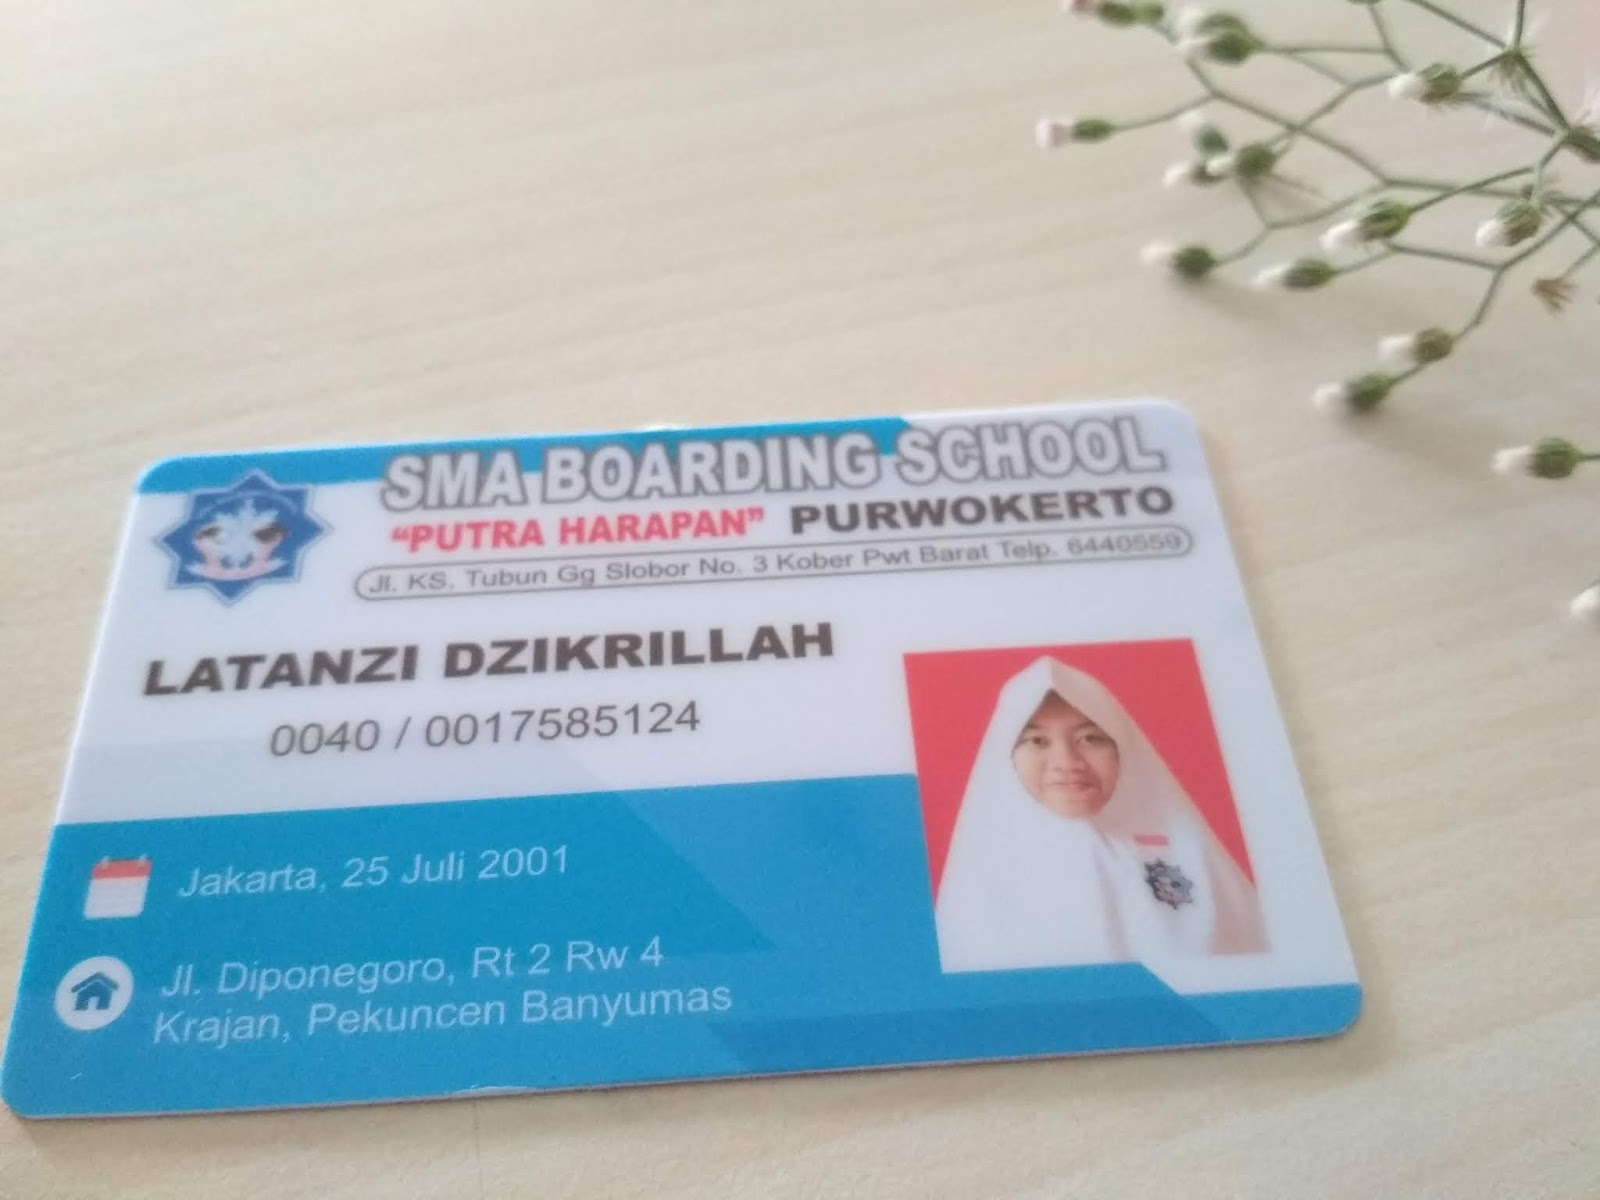 KARTU PELAJAR / MEMBER CARD - Percetakan Online Cepat dan ...